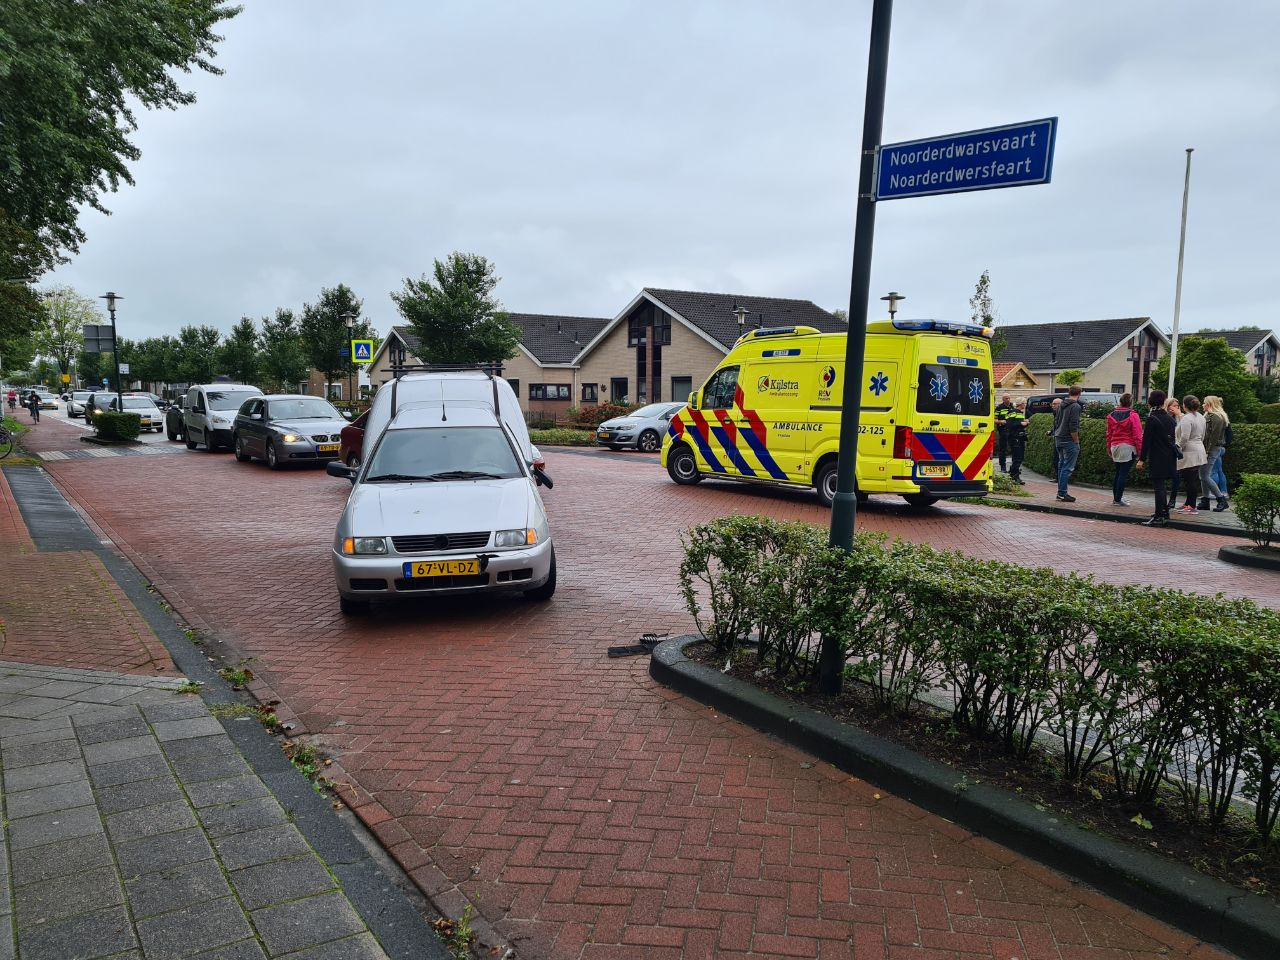 Fietsster geschept door auto op de kruising Middelwyk met de Noorderdwarsvaart in Drachten